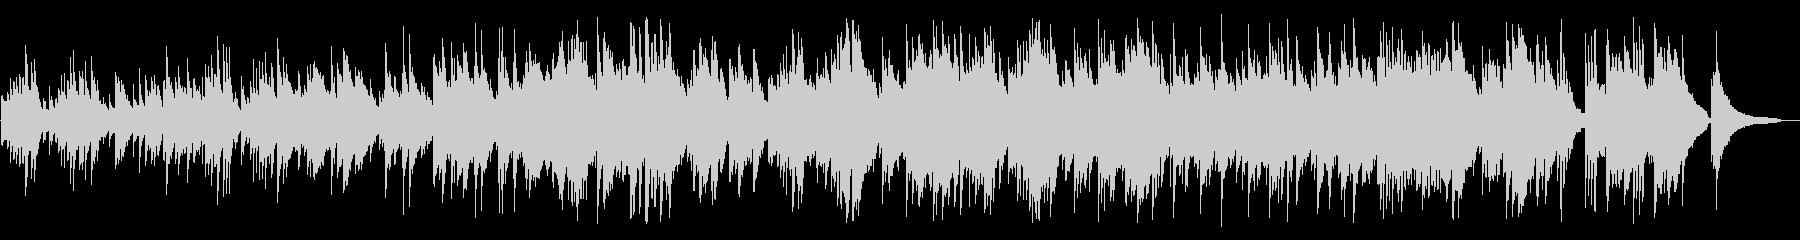 切なく、澄み切ったようなピアノBGMの未再生の波形